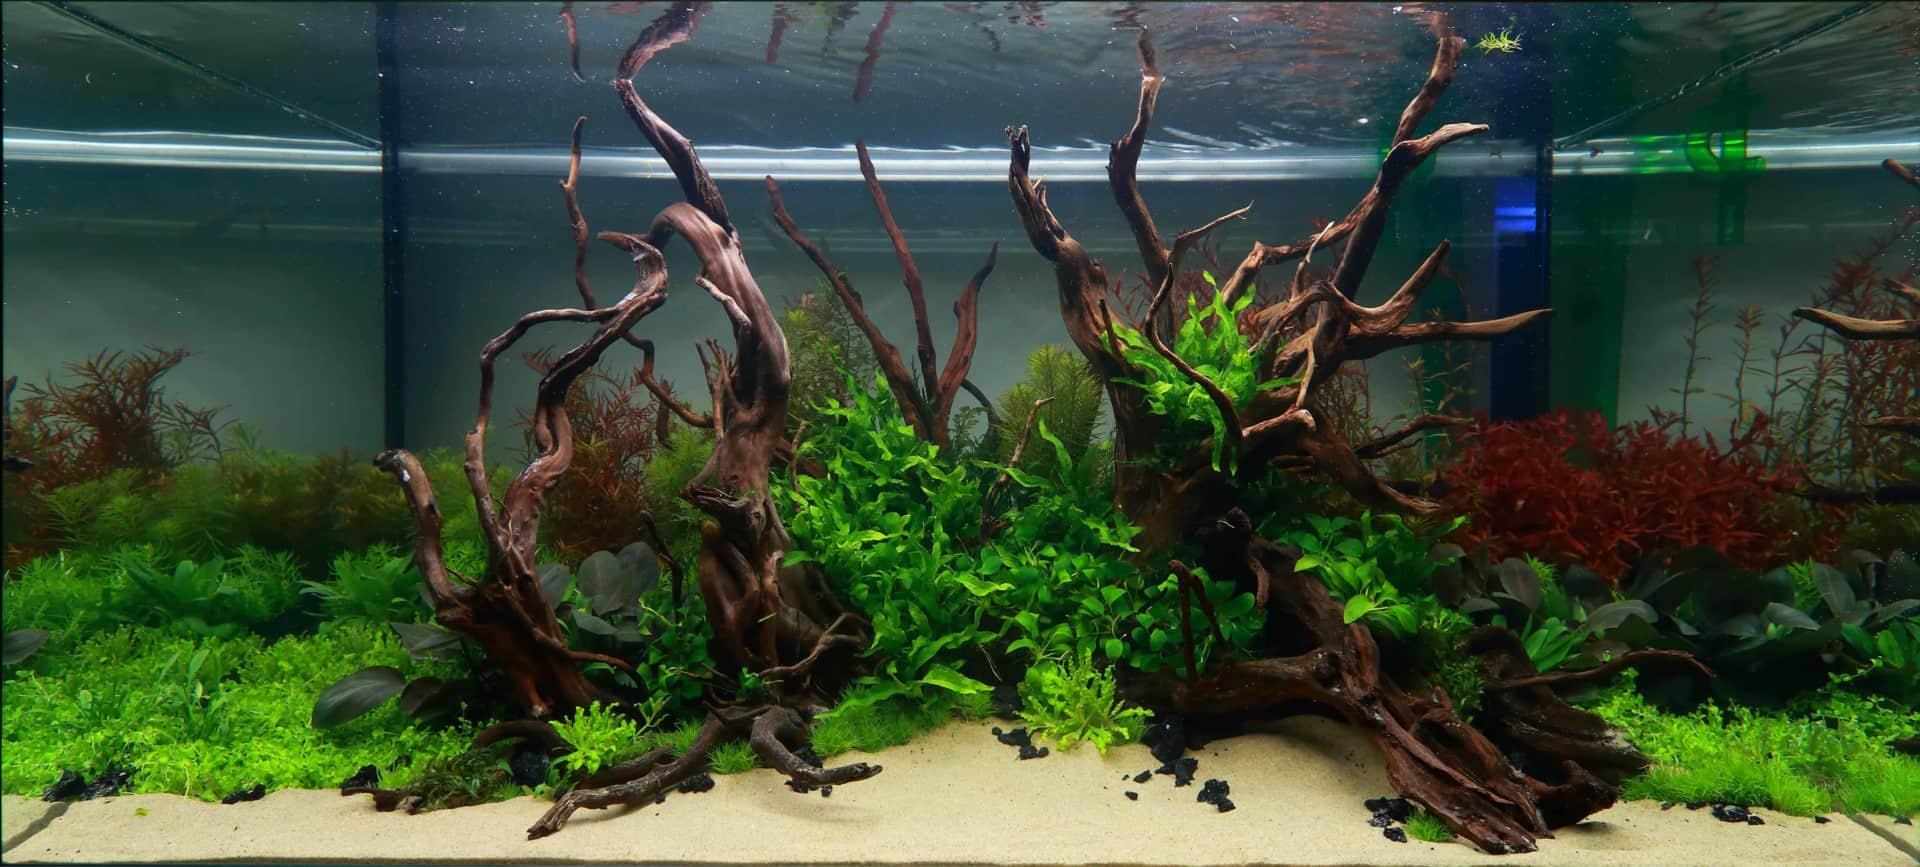 191 - The Art of the Planted Aquarium - Neuheiten und Möglichkeiten zum Mitmachen im April 2019 (Stefanie Hesse) 8